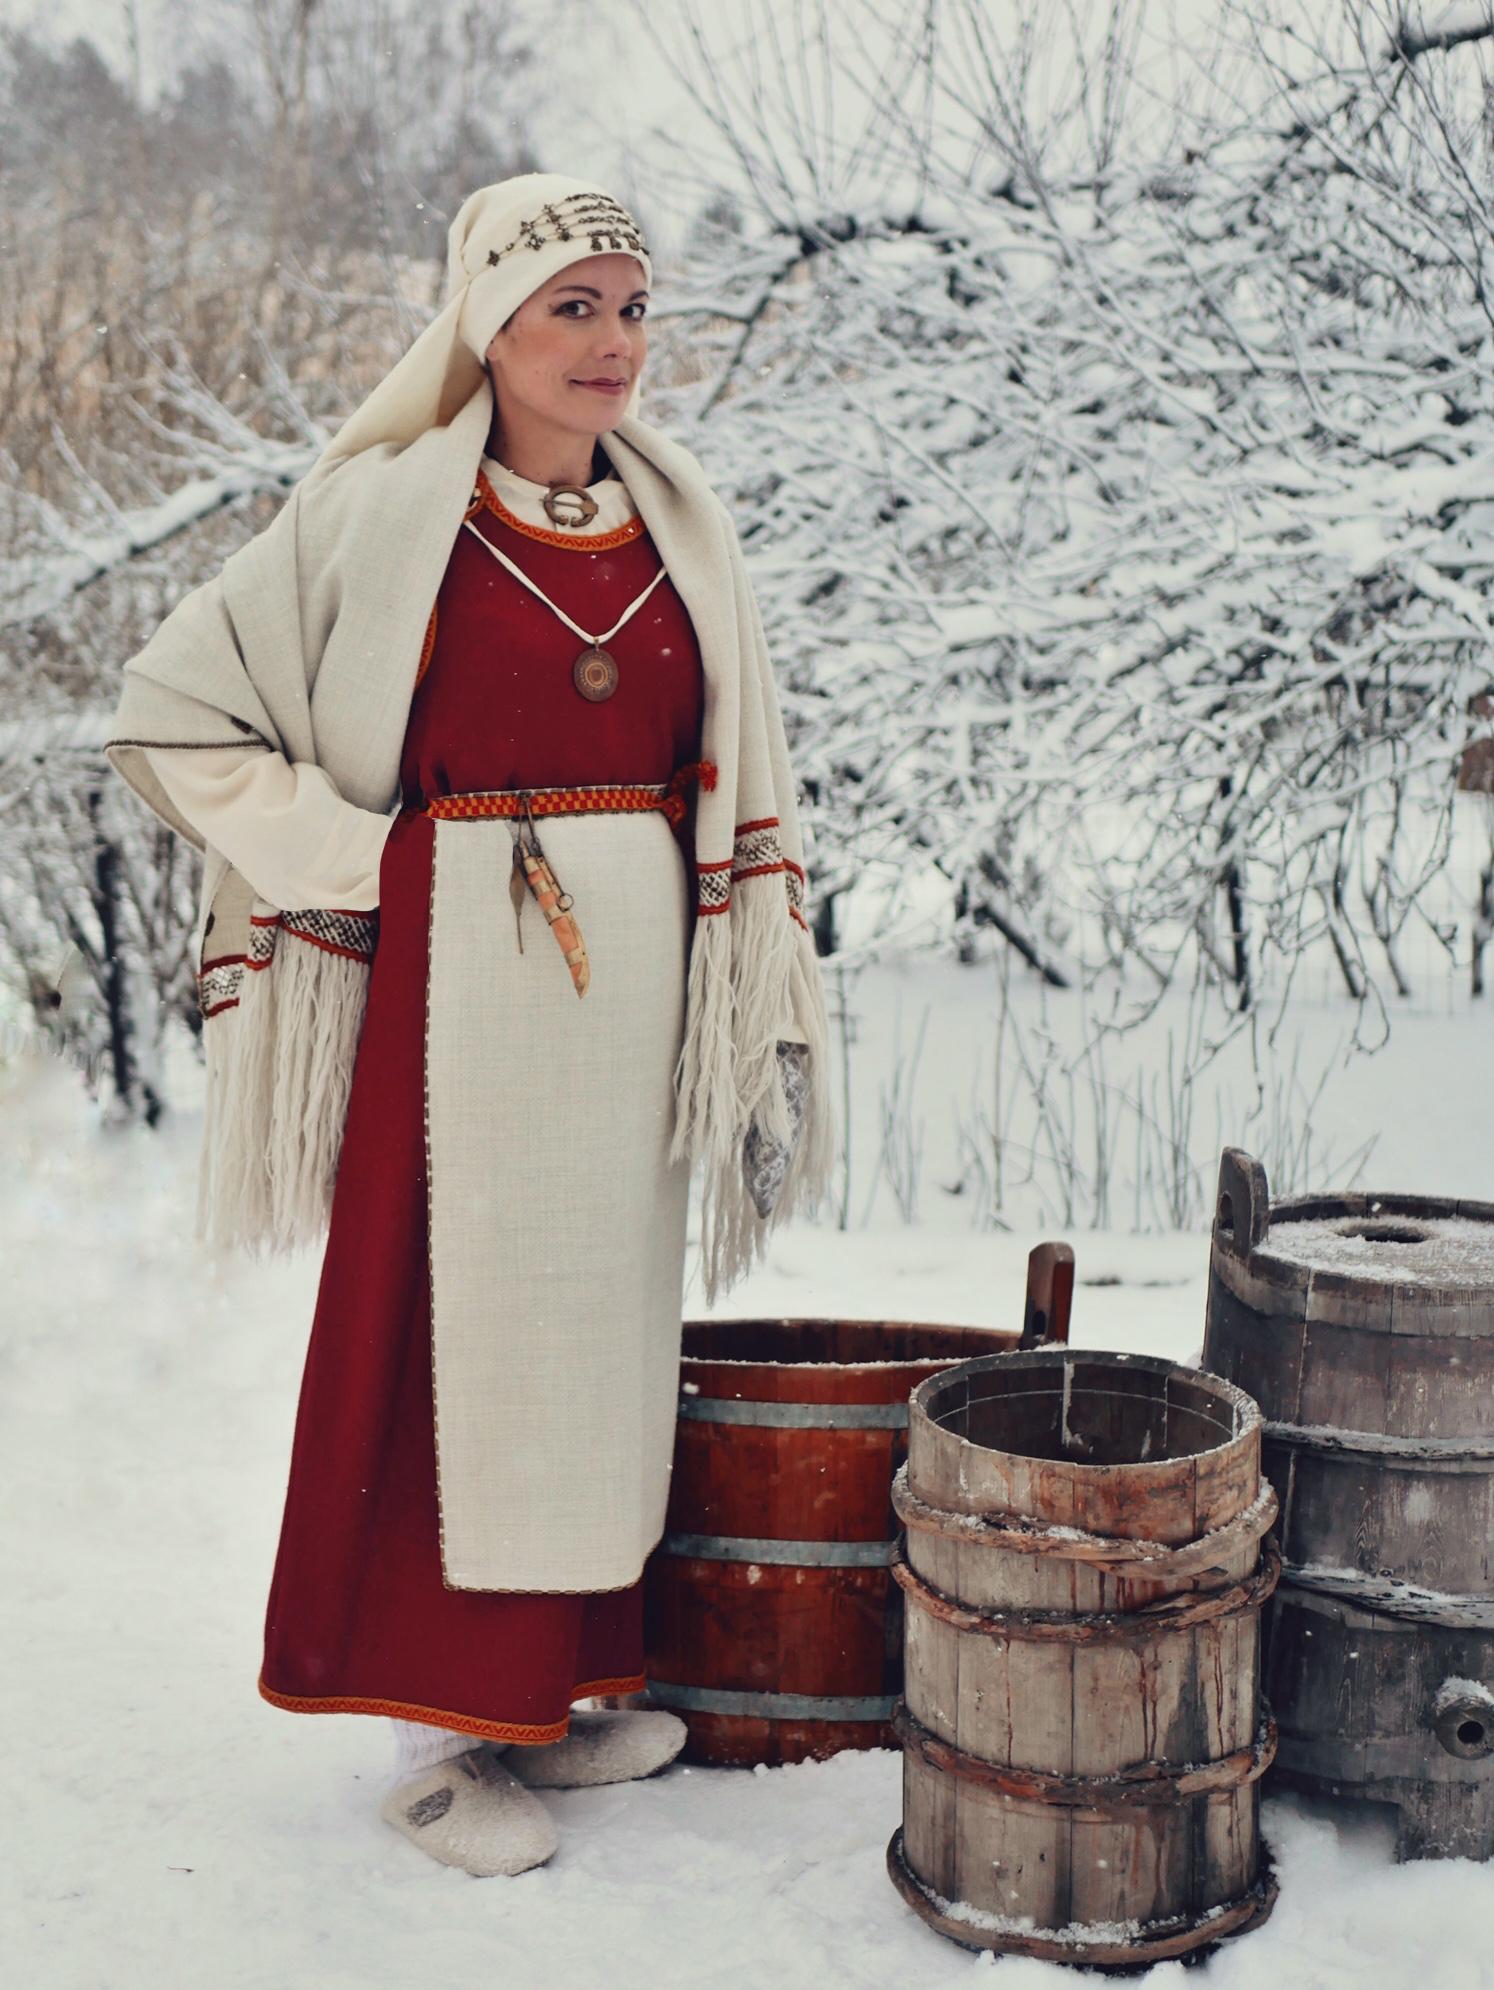 Perniön muinaispuku Perniö ancient costume